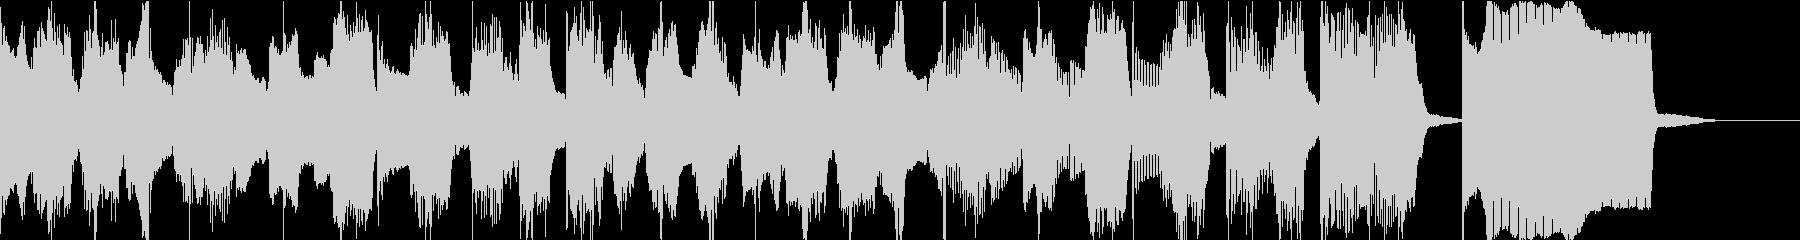 軽くてゆる〜いエンディングのジングル曲の未再生の波形